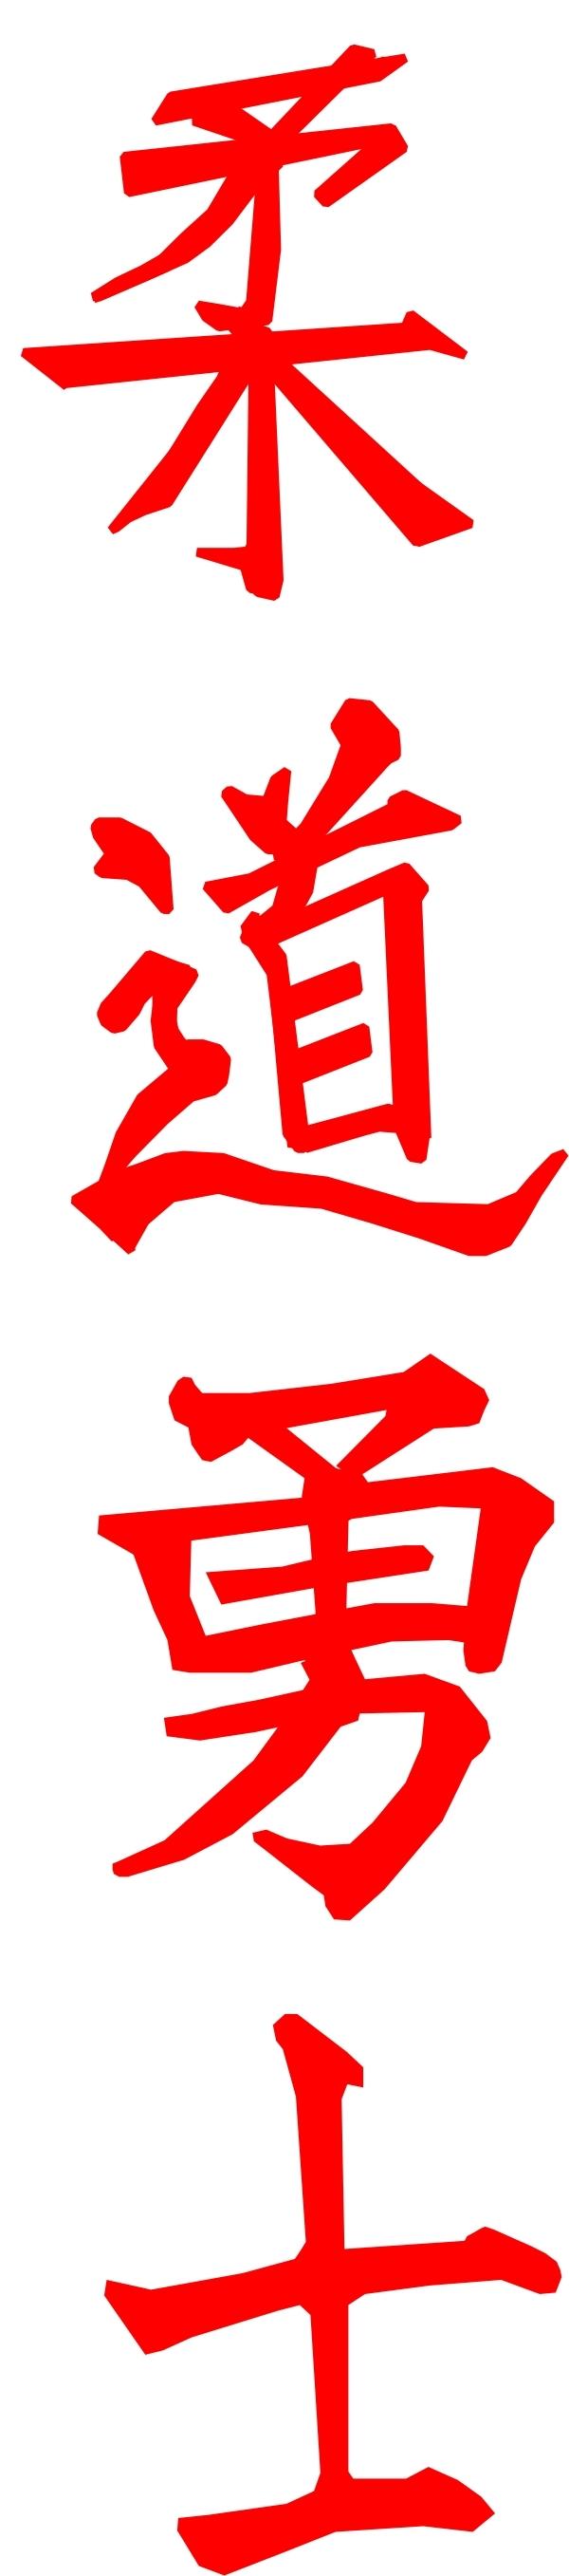 Judo Yushi in Japanse karakters